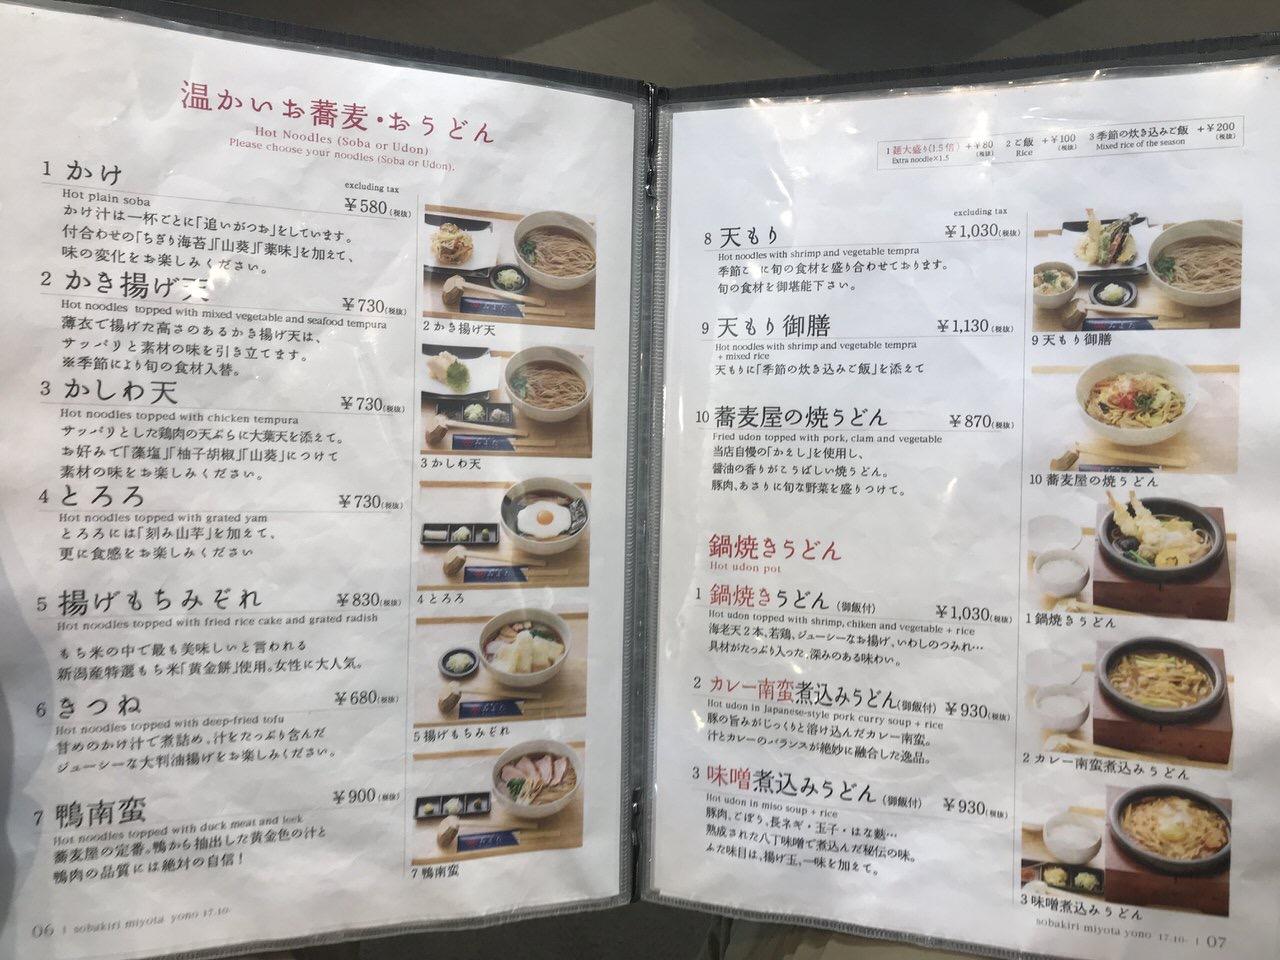 蕎麦きり みよた イオンモール与野店 5